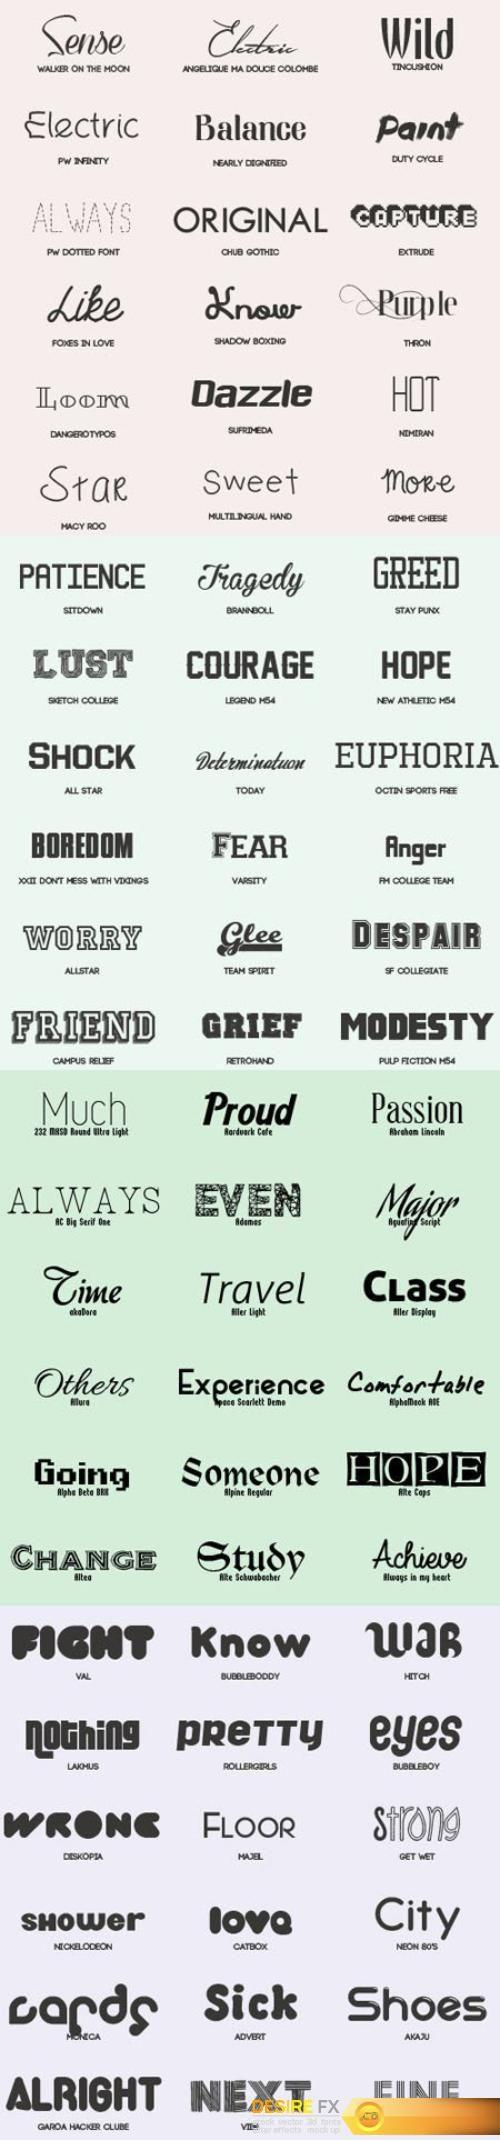 72 Fonts Pack (TTF/OTF)  http://www.desirefx.me/72-fonts-pack-ttfotf/